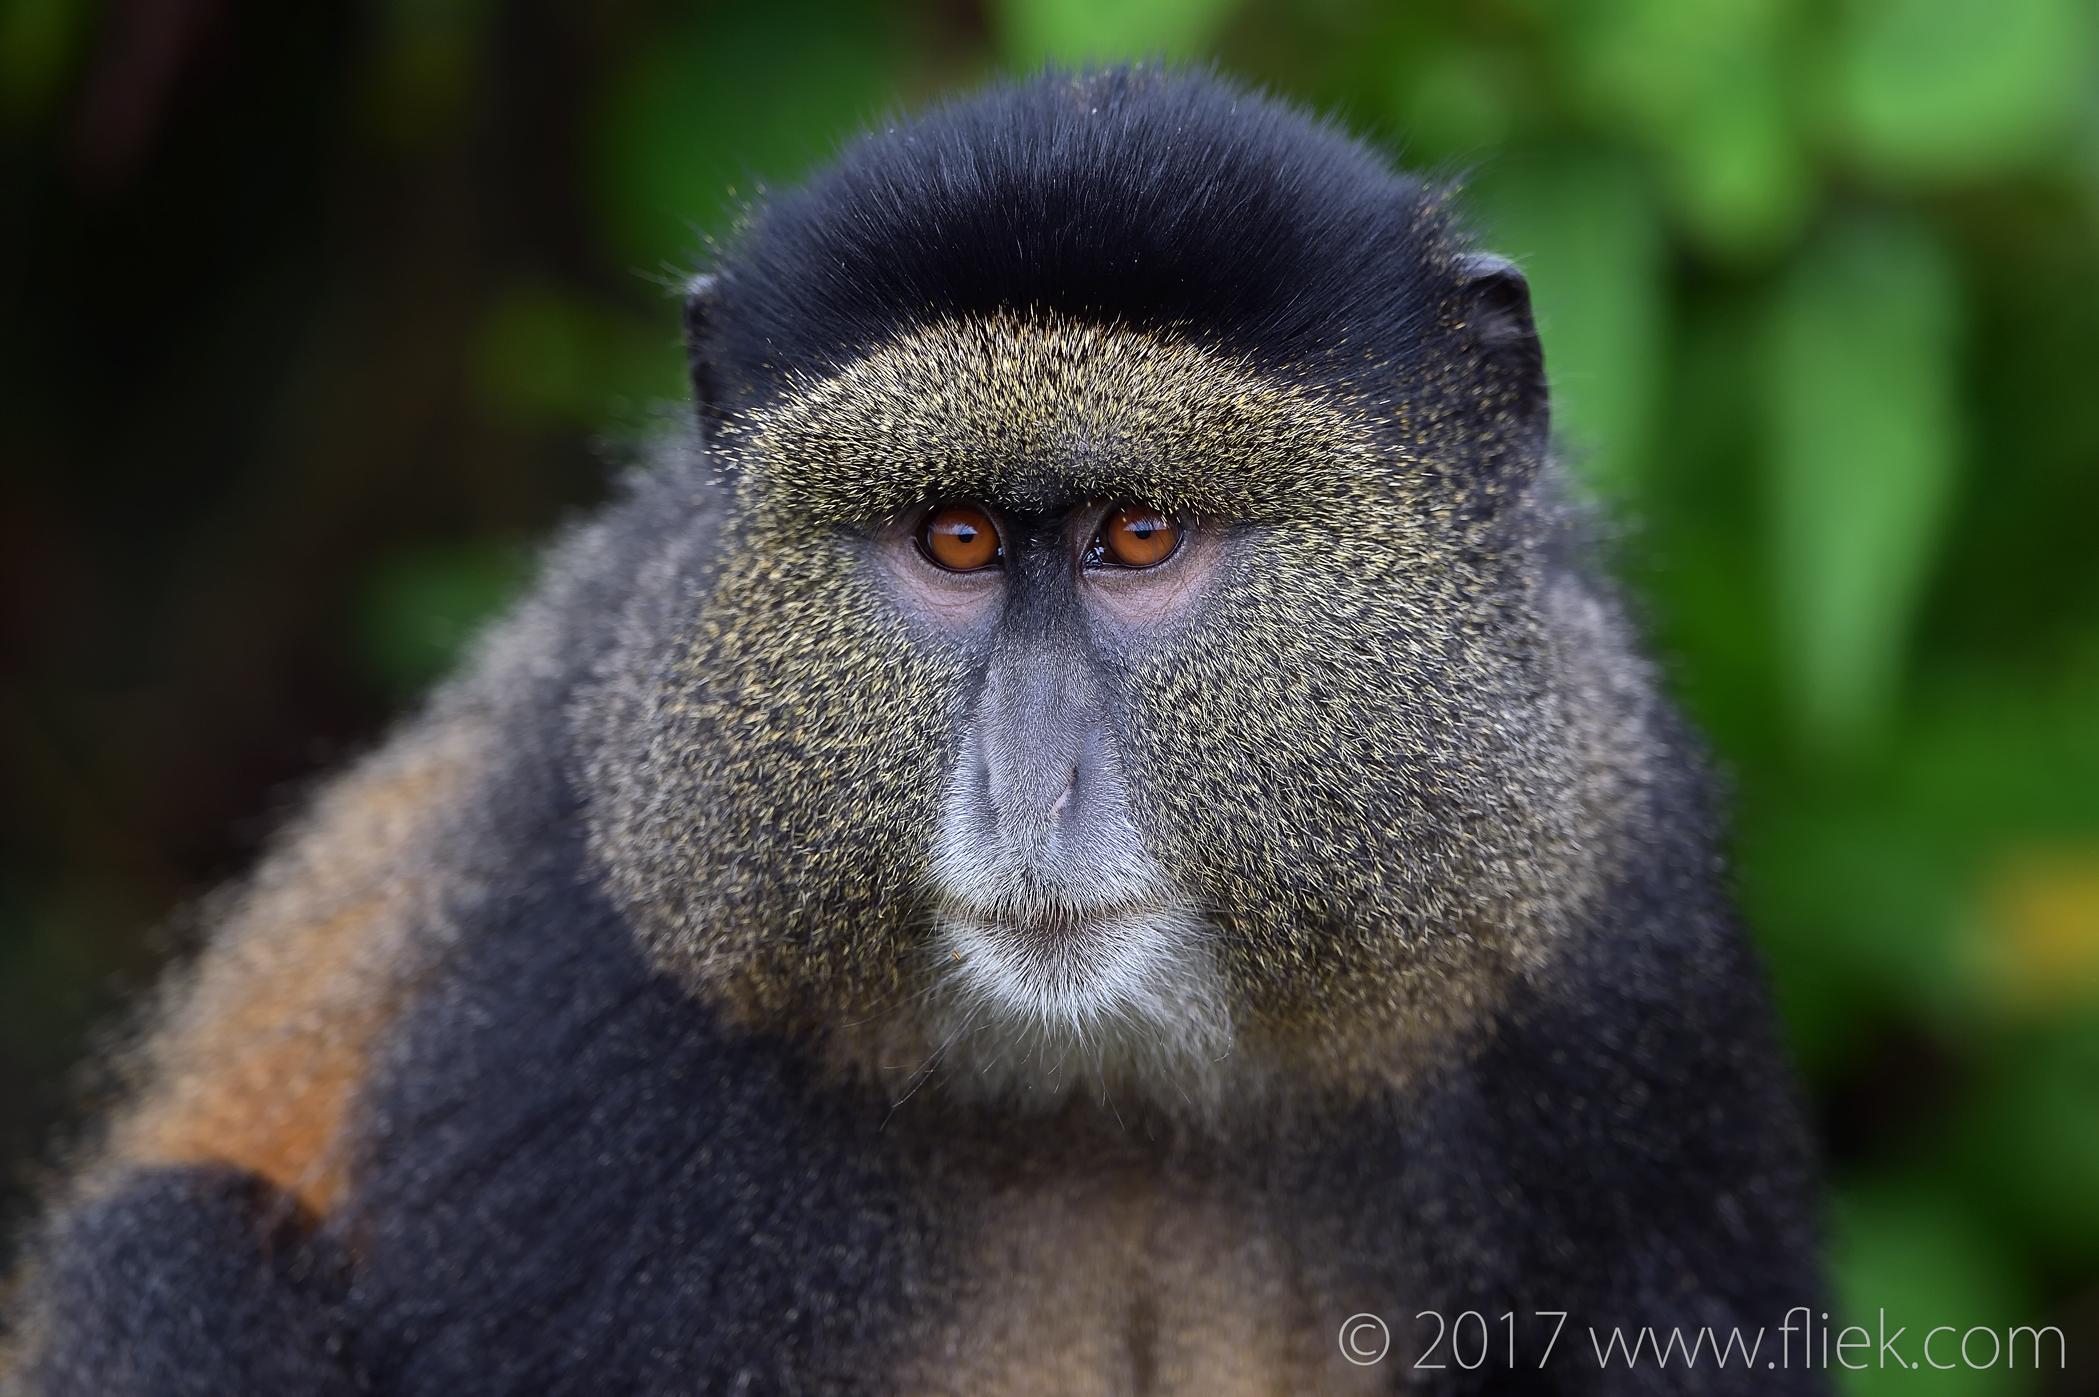 d4s-golden-monkey-portrait2-1